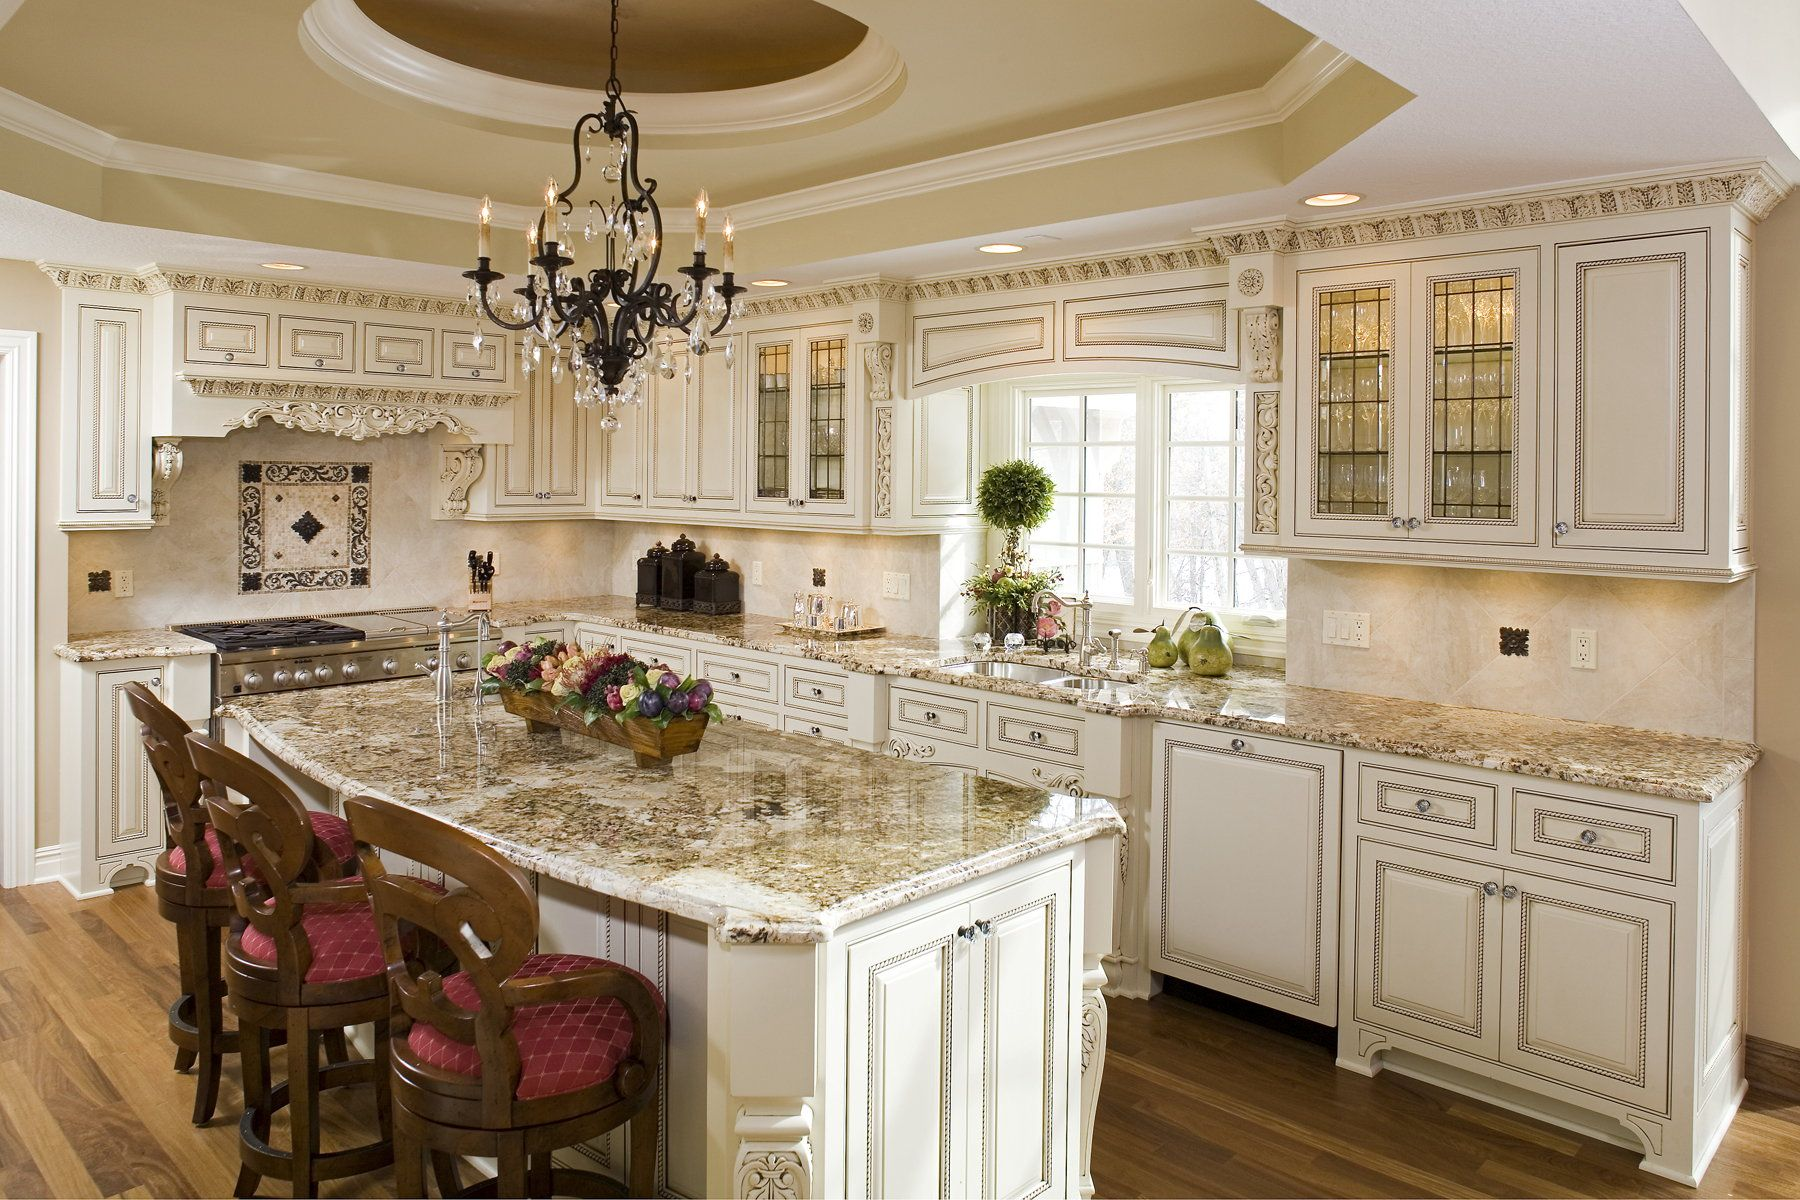 Best Kitchen Gallery: Cream Kitchen Cabi S With Chocolate Glaze Kitchen Kitchens of Thomasville Kitchen Cabinet Cream on rachelxblog.com